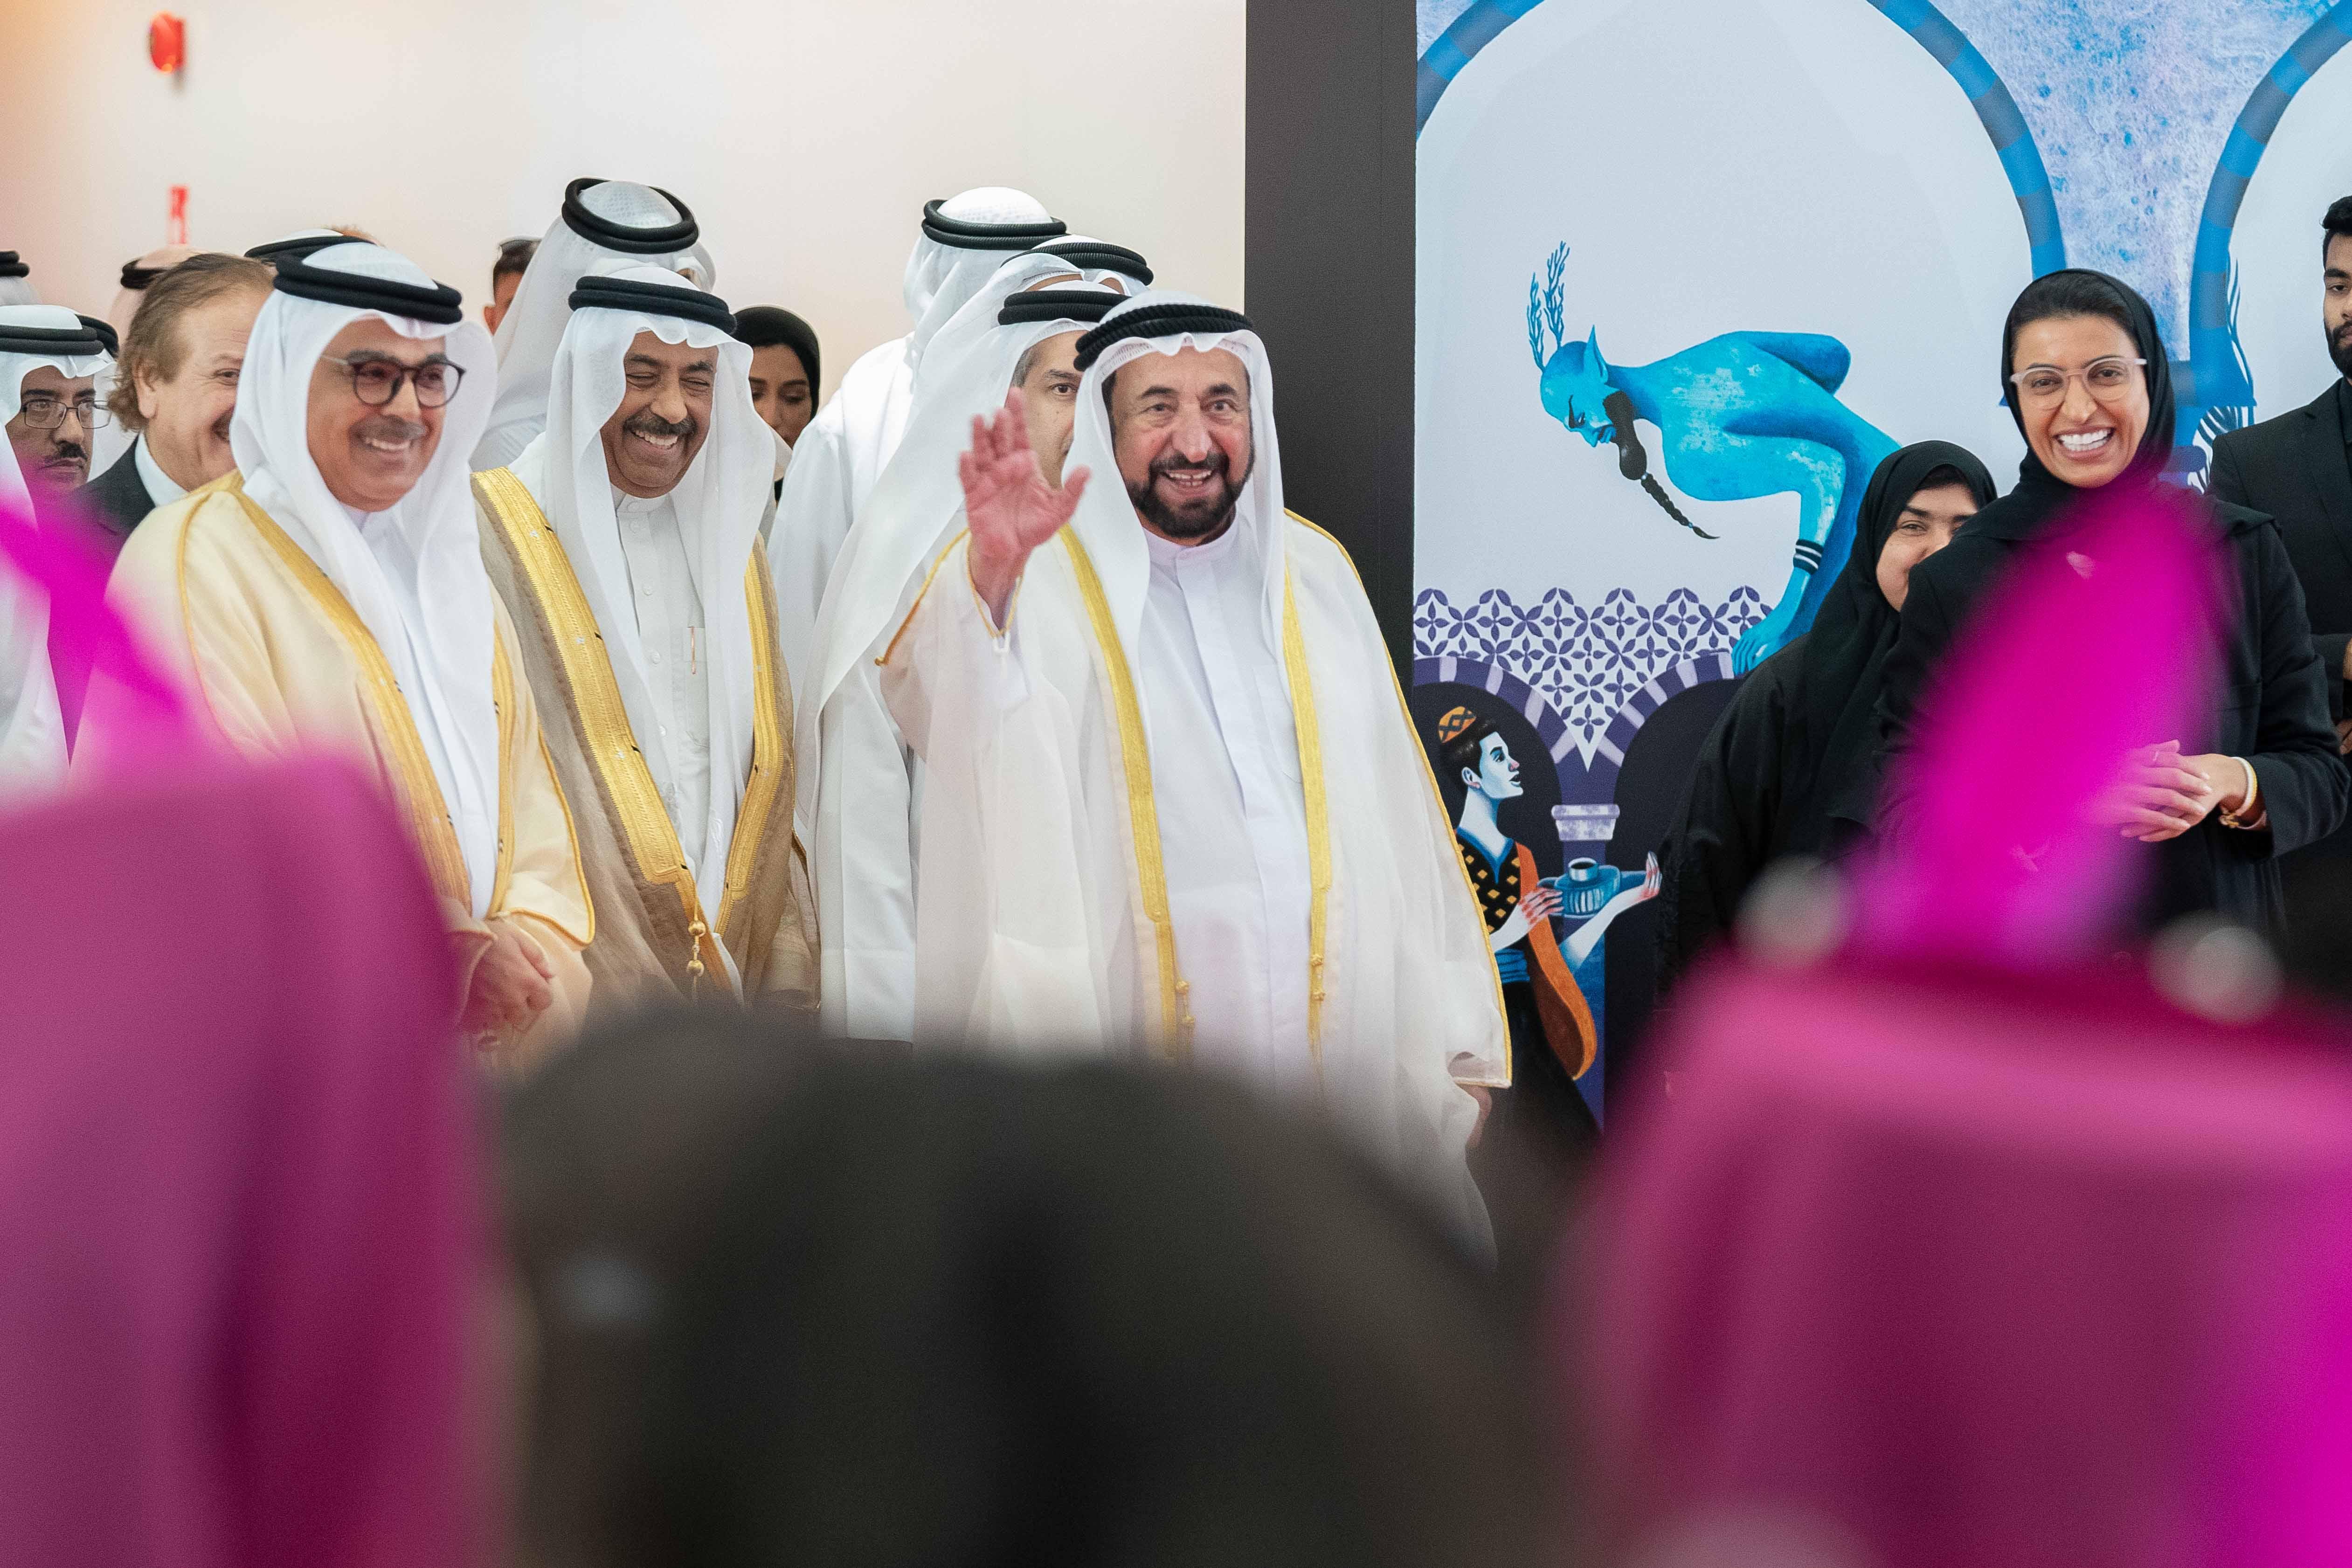 سلطان القاسمي يشهد افتتاح النسخة الـ 19 من ملتقى الشارقة الدولي للراوي